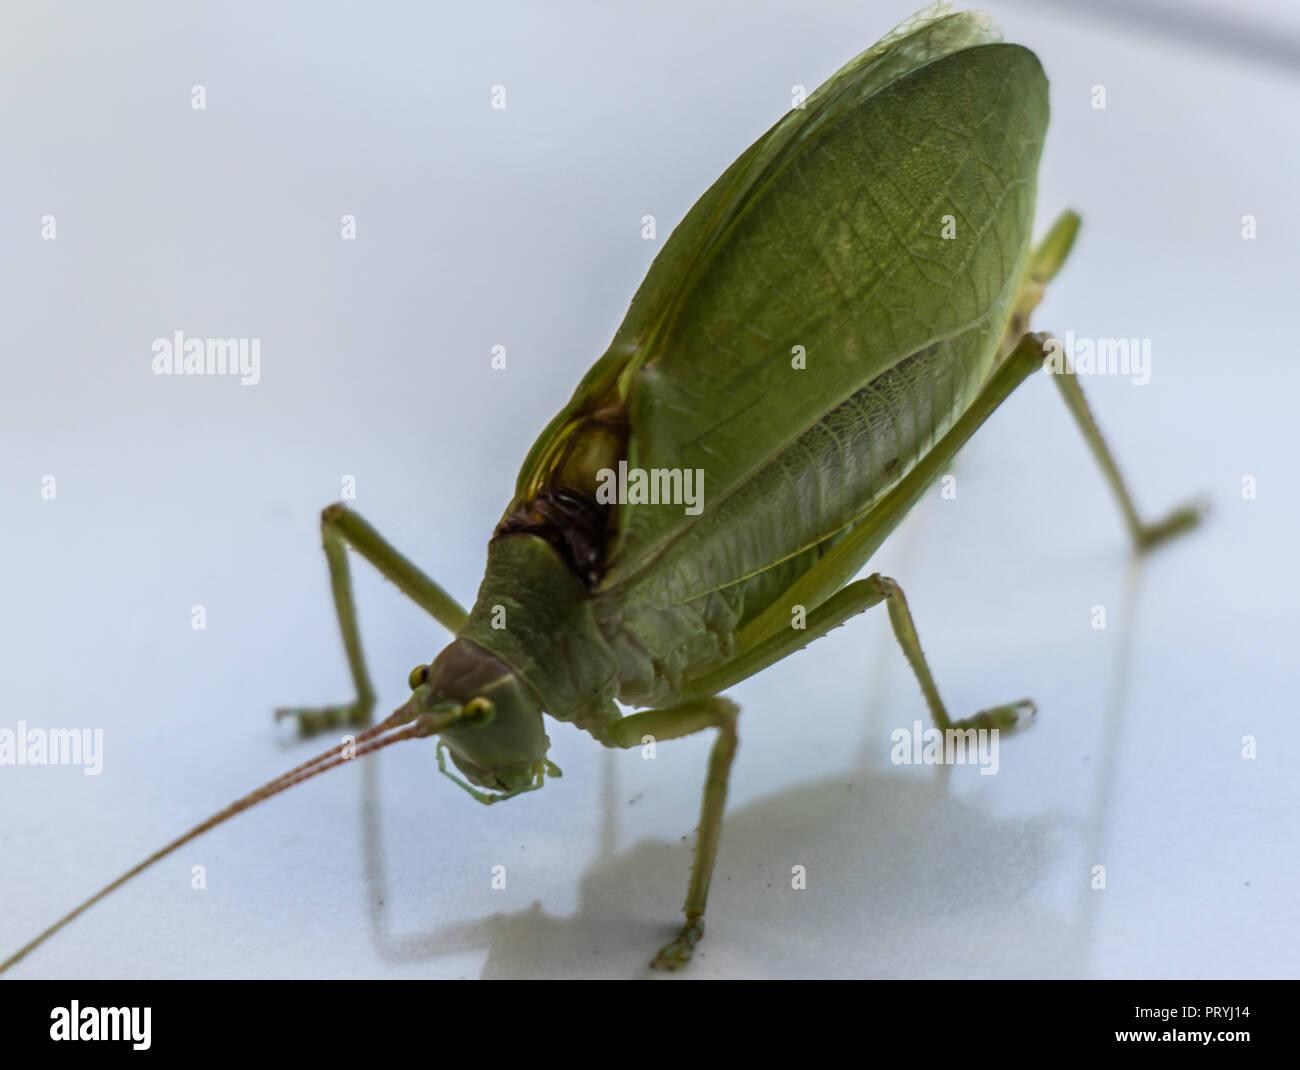 Katydid (oder Bush Cricket) auf weißen reflektierenden Hintergrund Stockbild